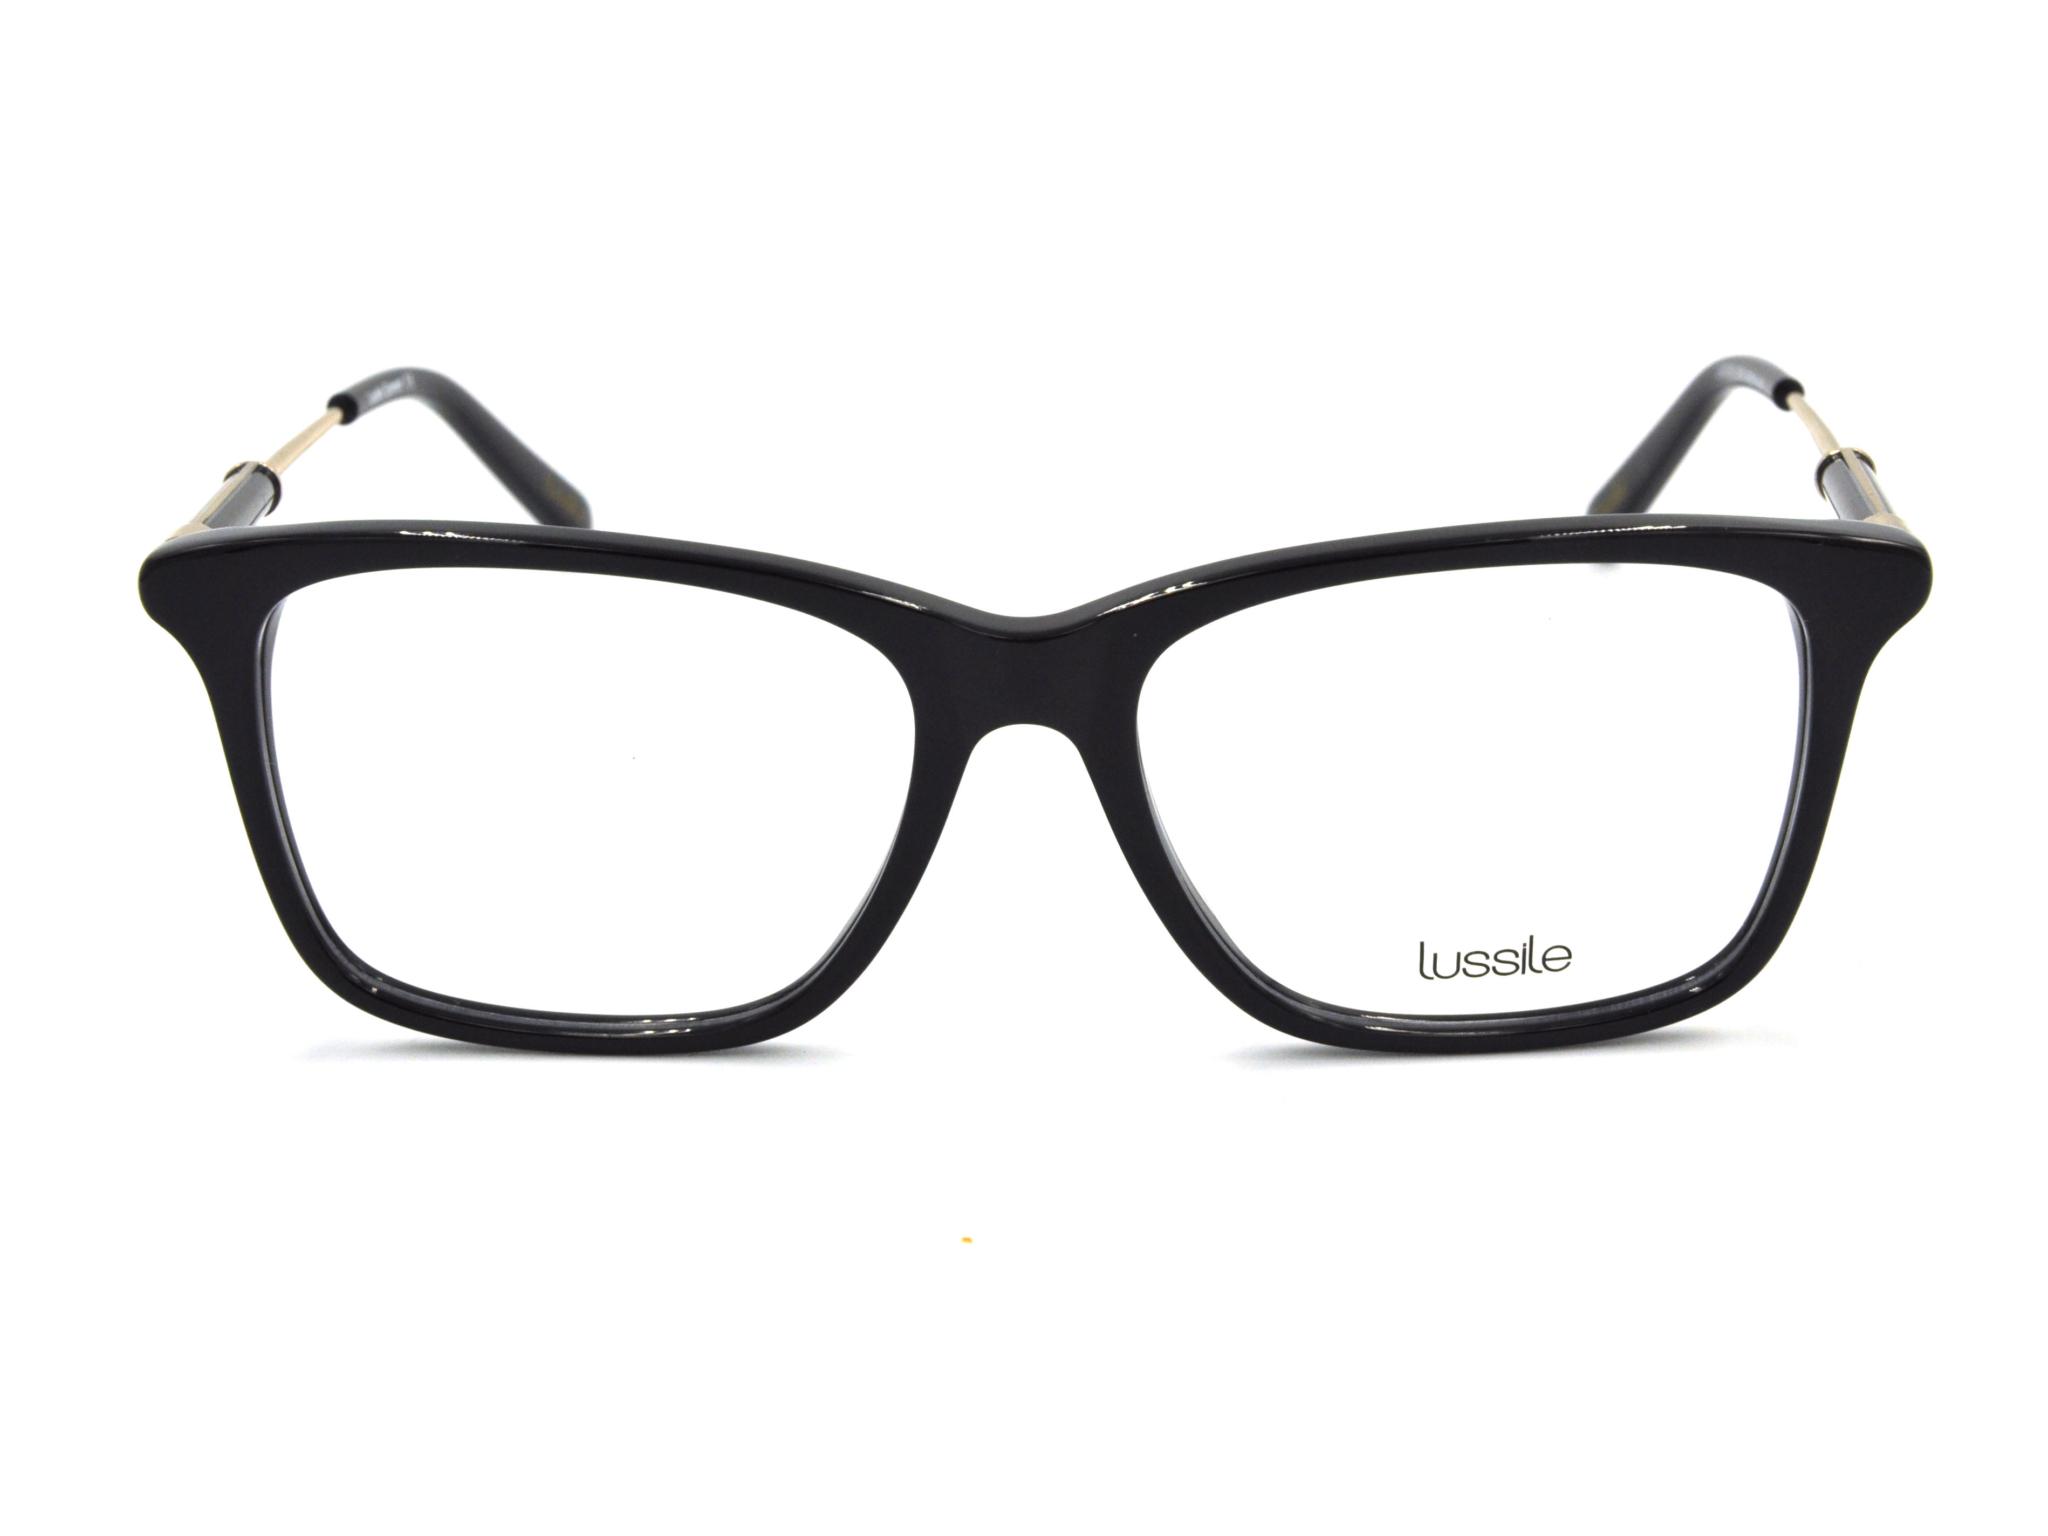 Γυαλιά οράσεως LUSSILE LS32200 LN01 Πειραιάς